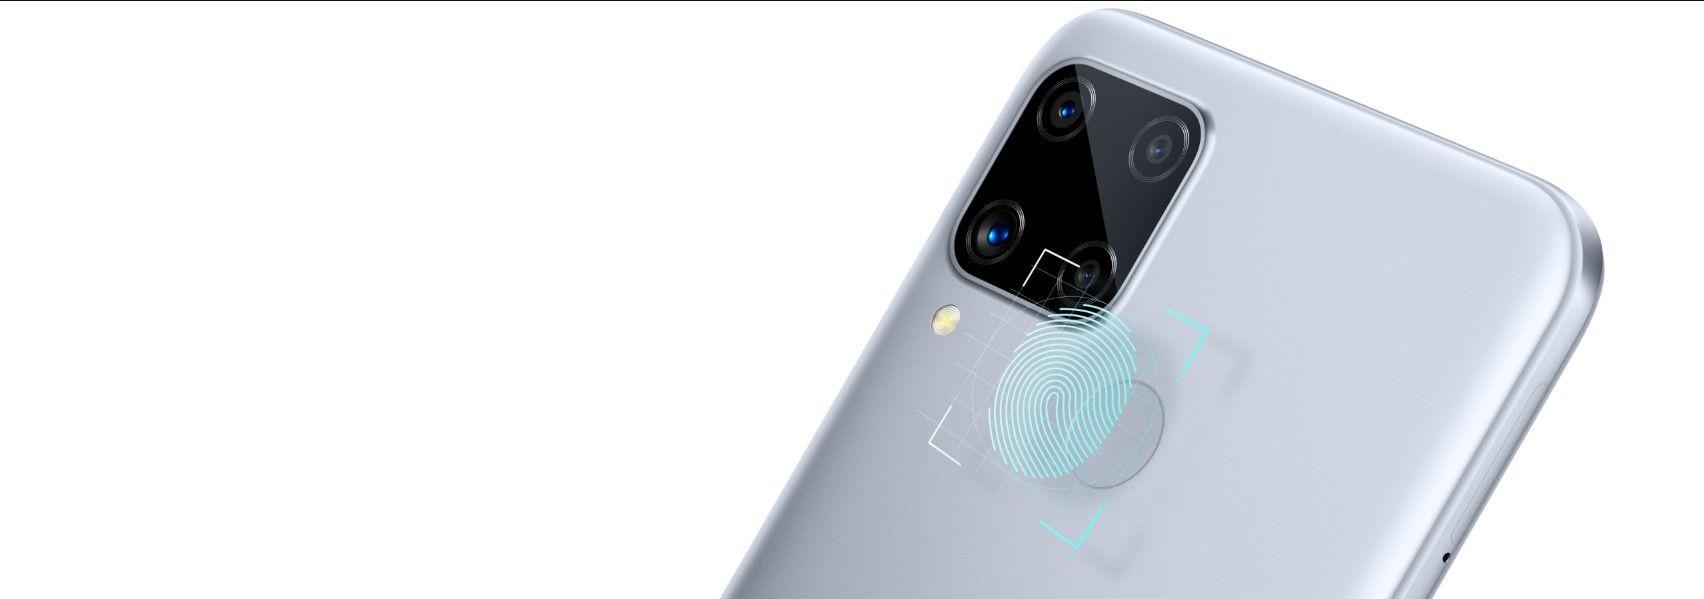 Смартфон Realme C15 сканер отпечатка пальца